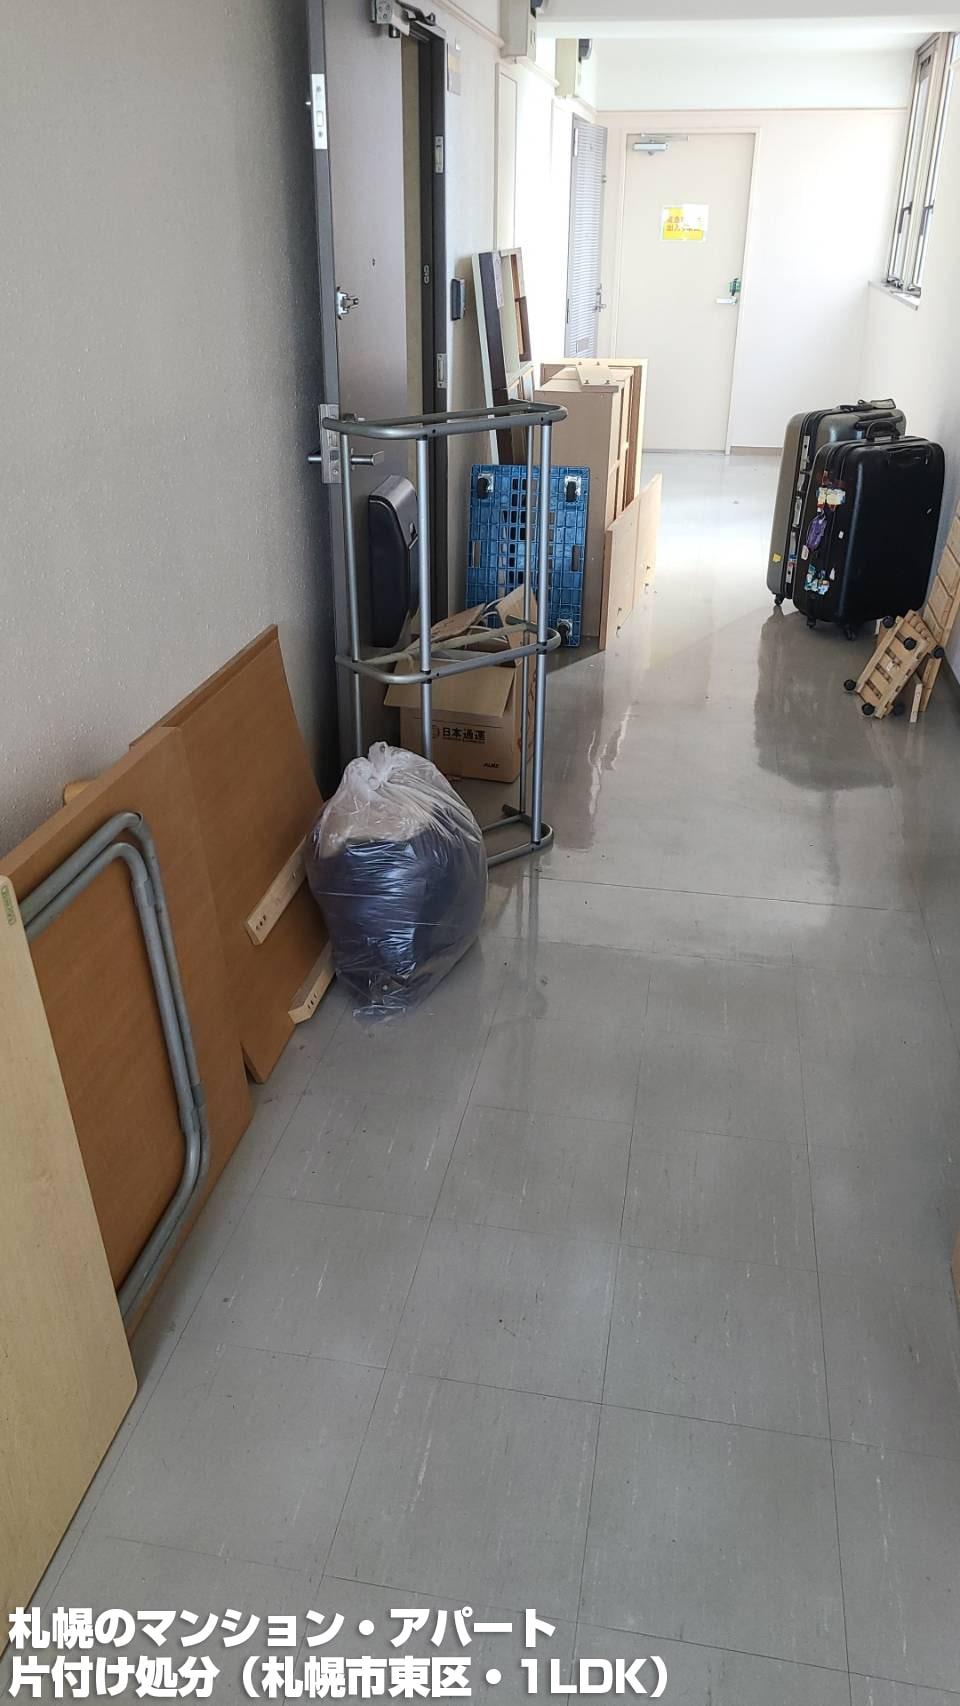 札幌マンションアパート片付け処分(東区・1LDK・2021年7月)